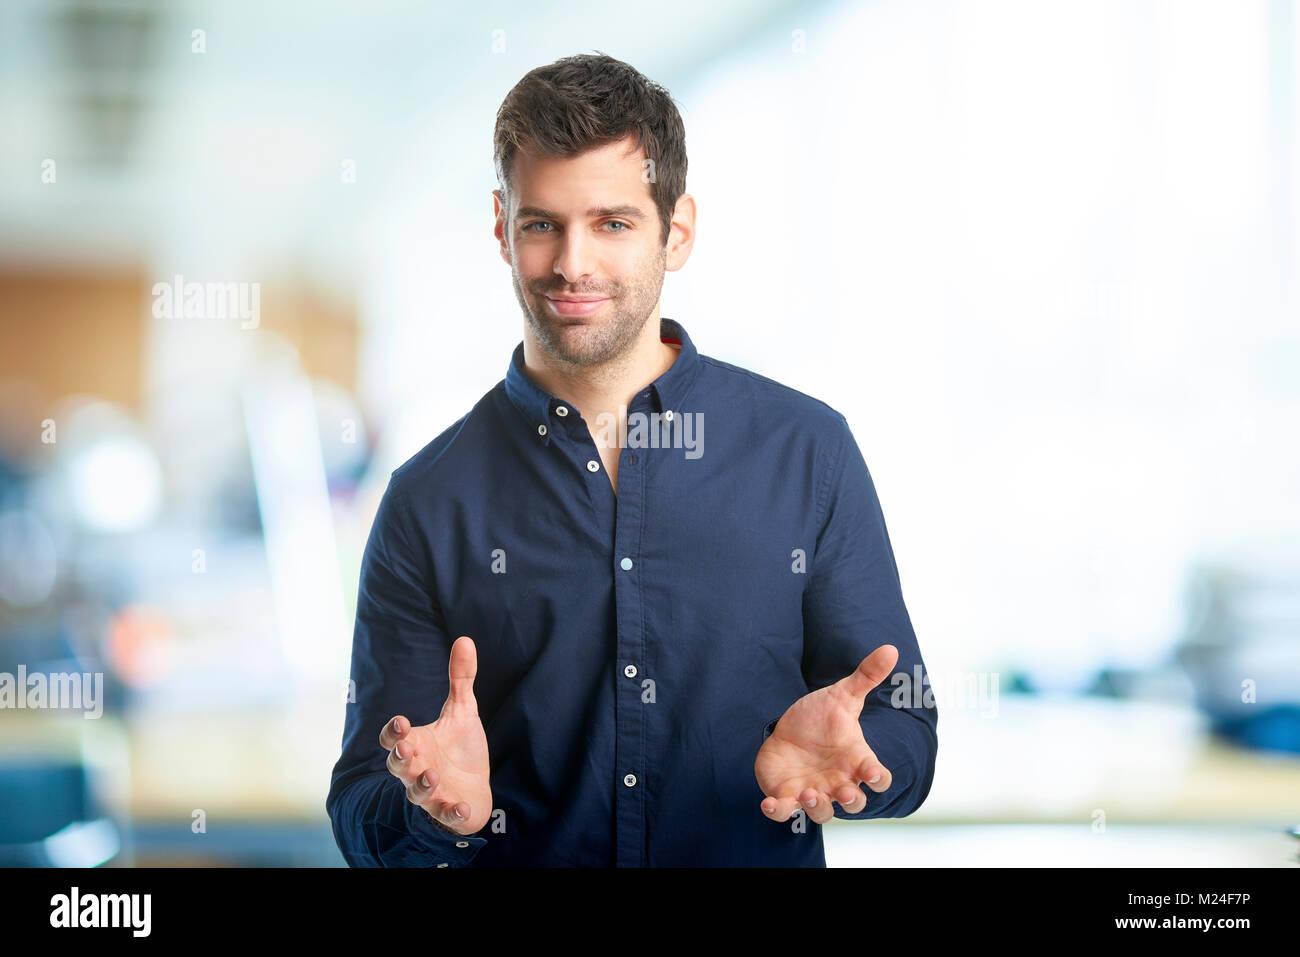 Ritratto di giovane sorridente imprenditore in piedi con le braccia alzate in ufficio. Immagini Stock